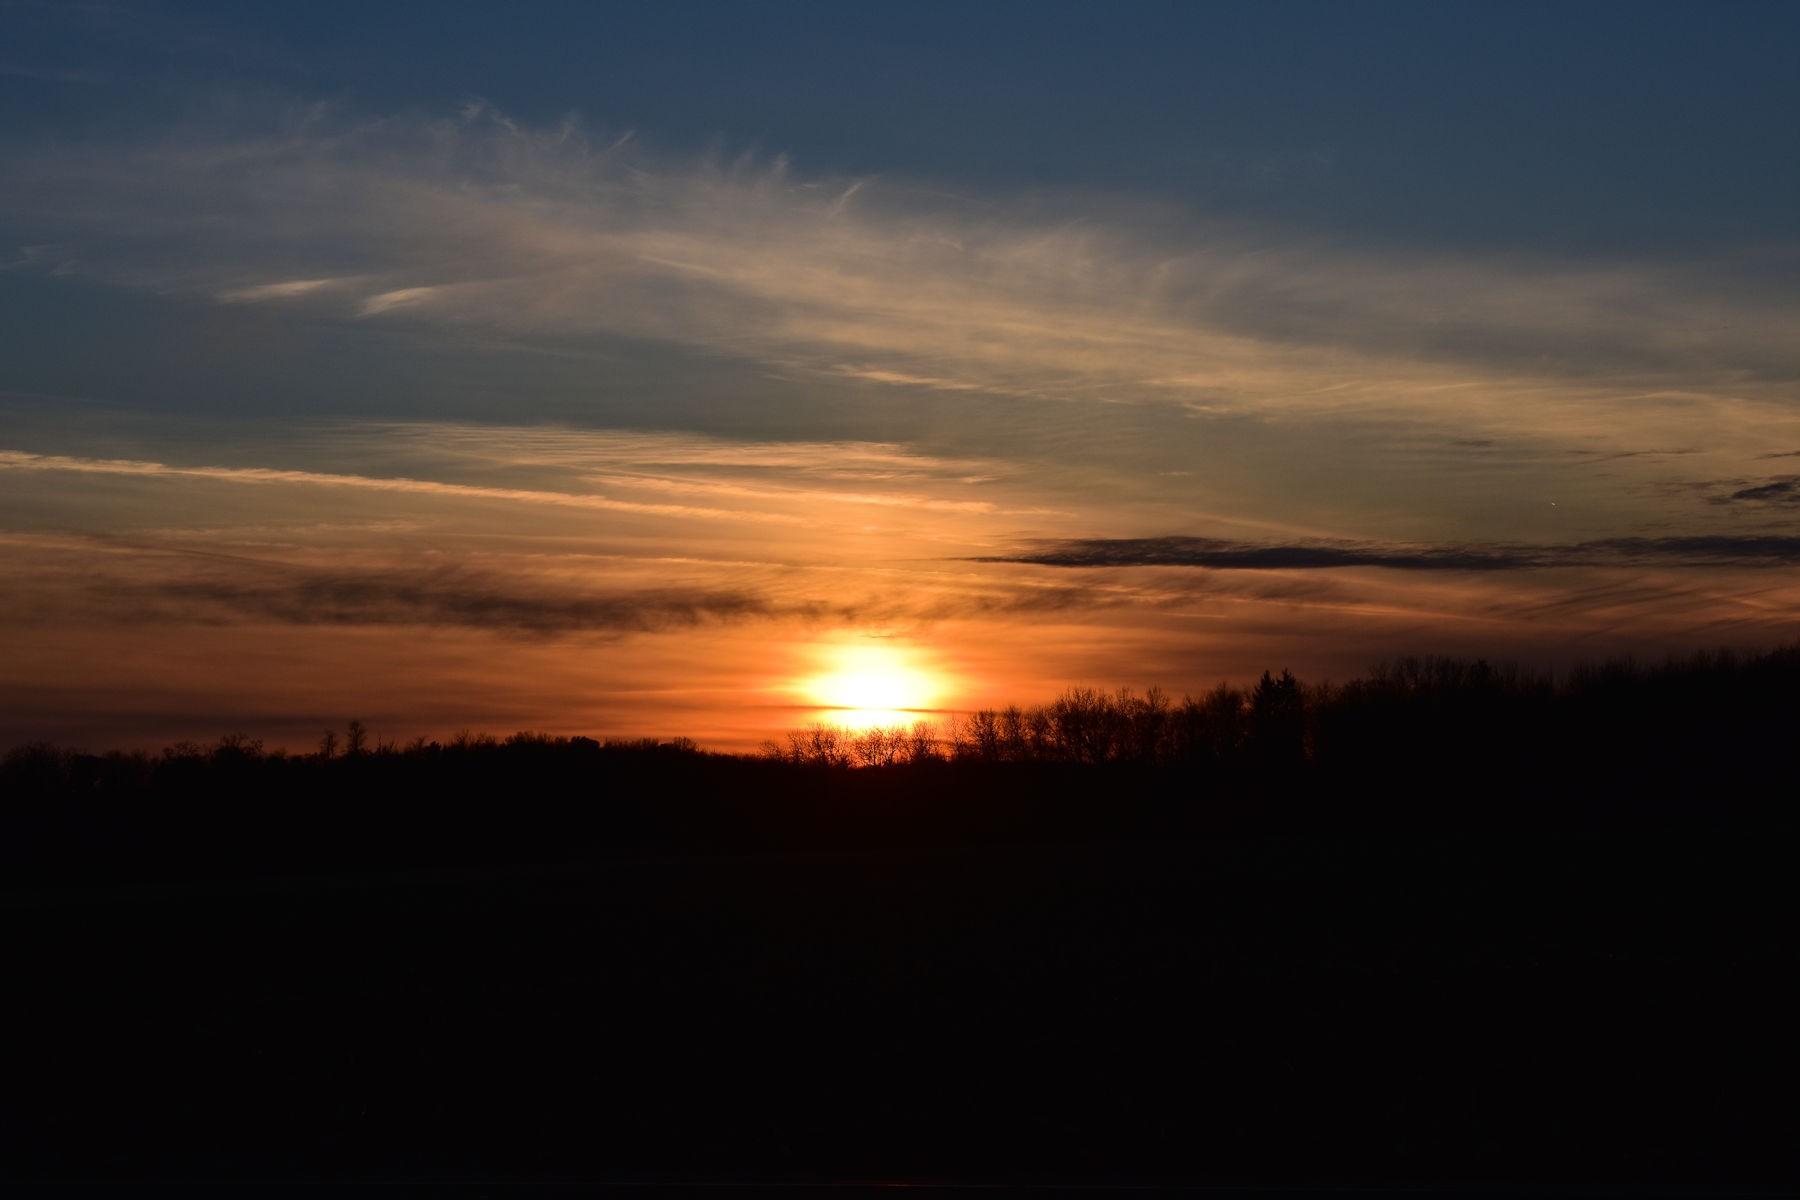 sunsetDSC_0533.jpg